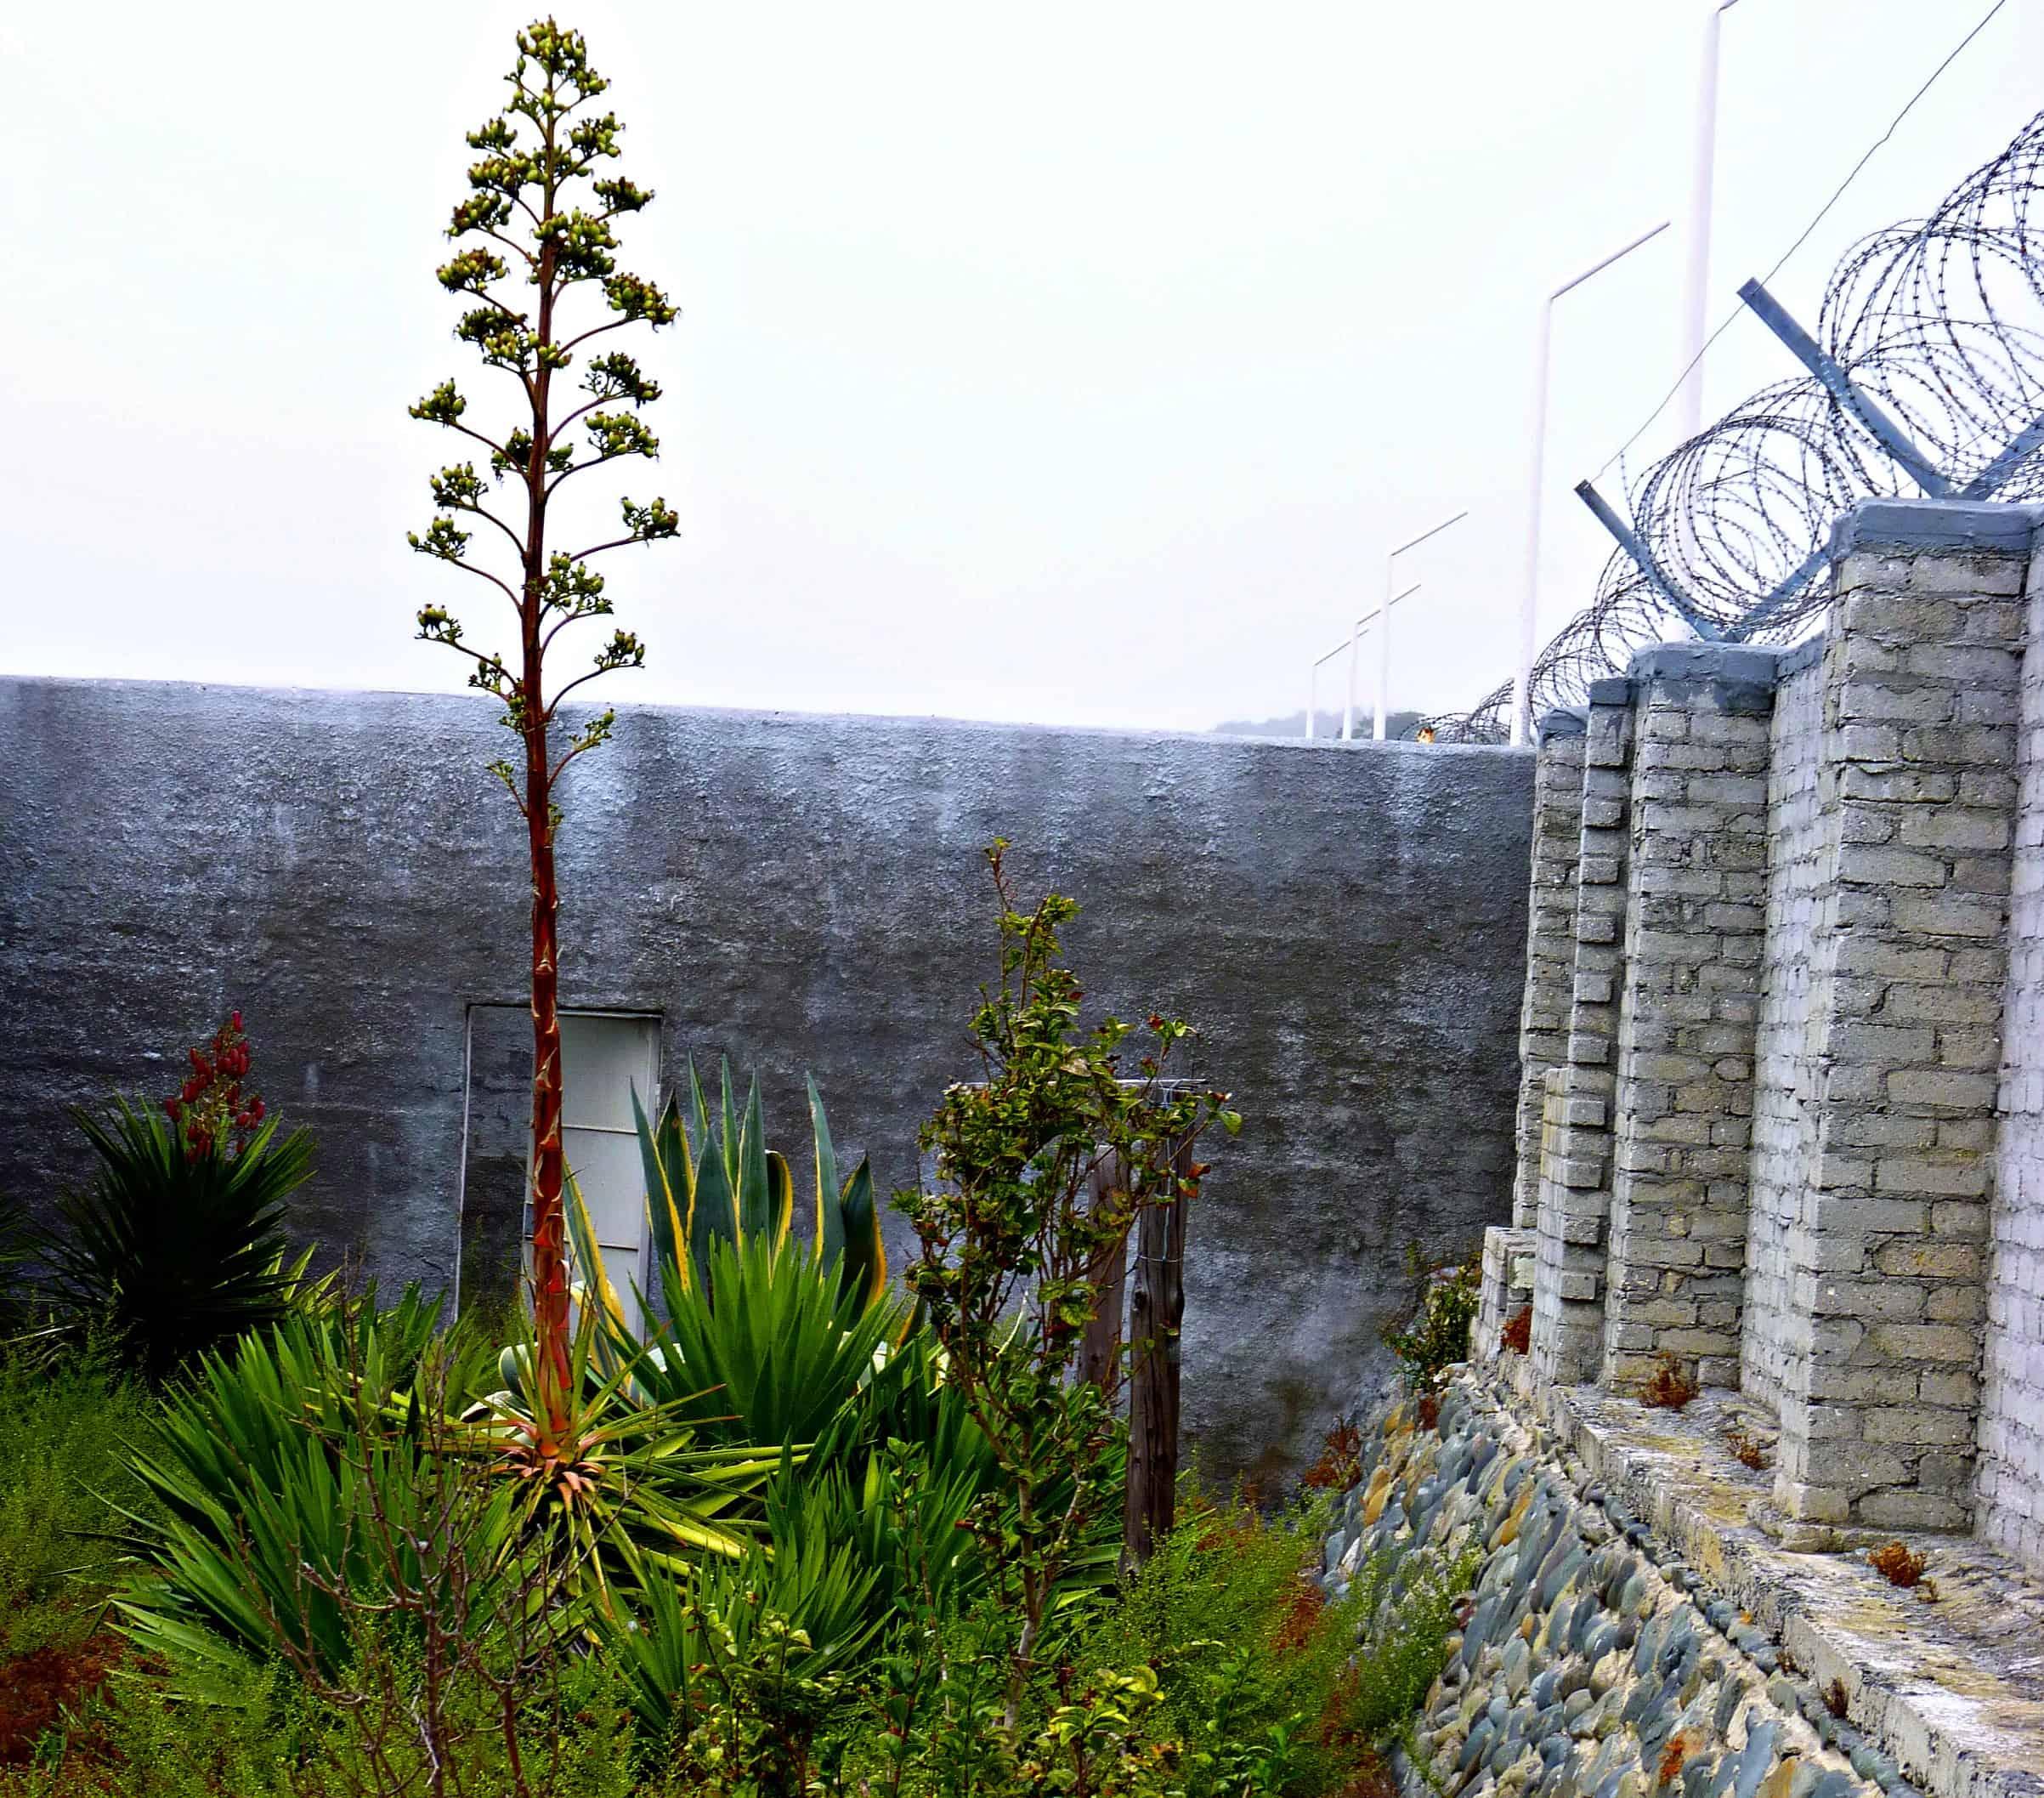 Robben Island Prison Garden